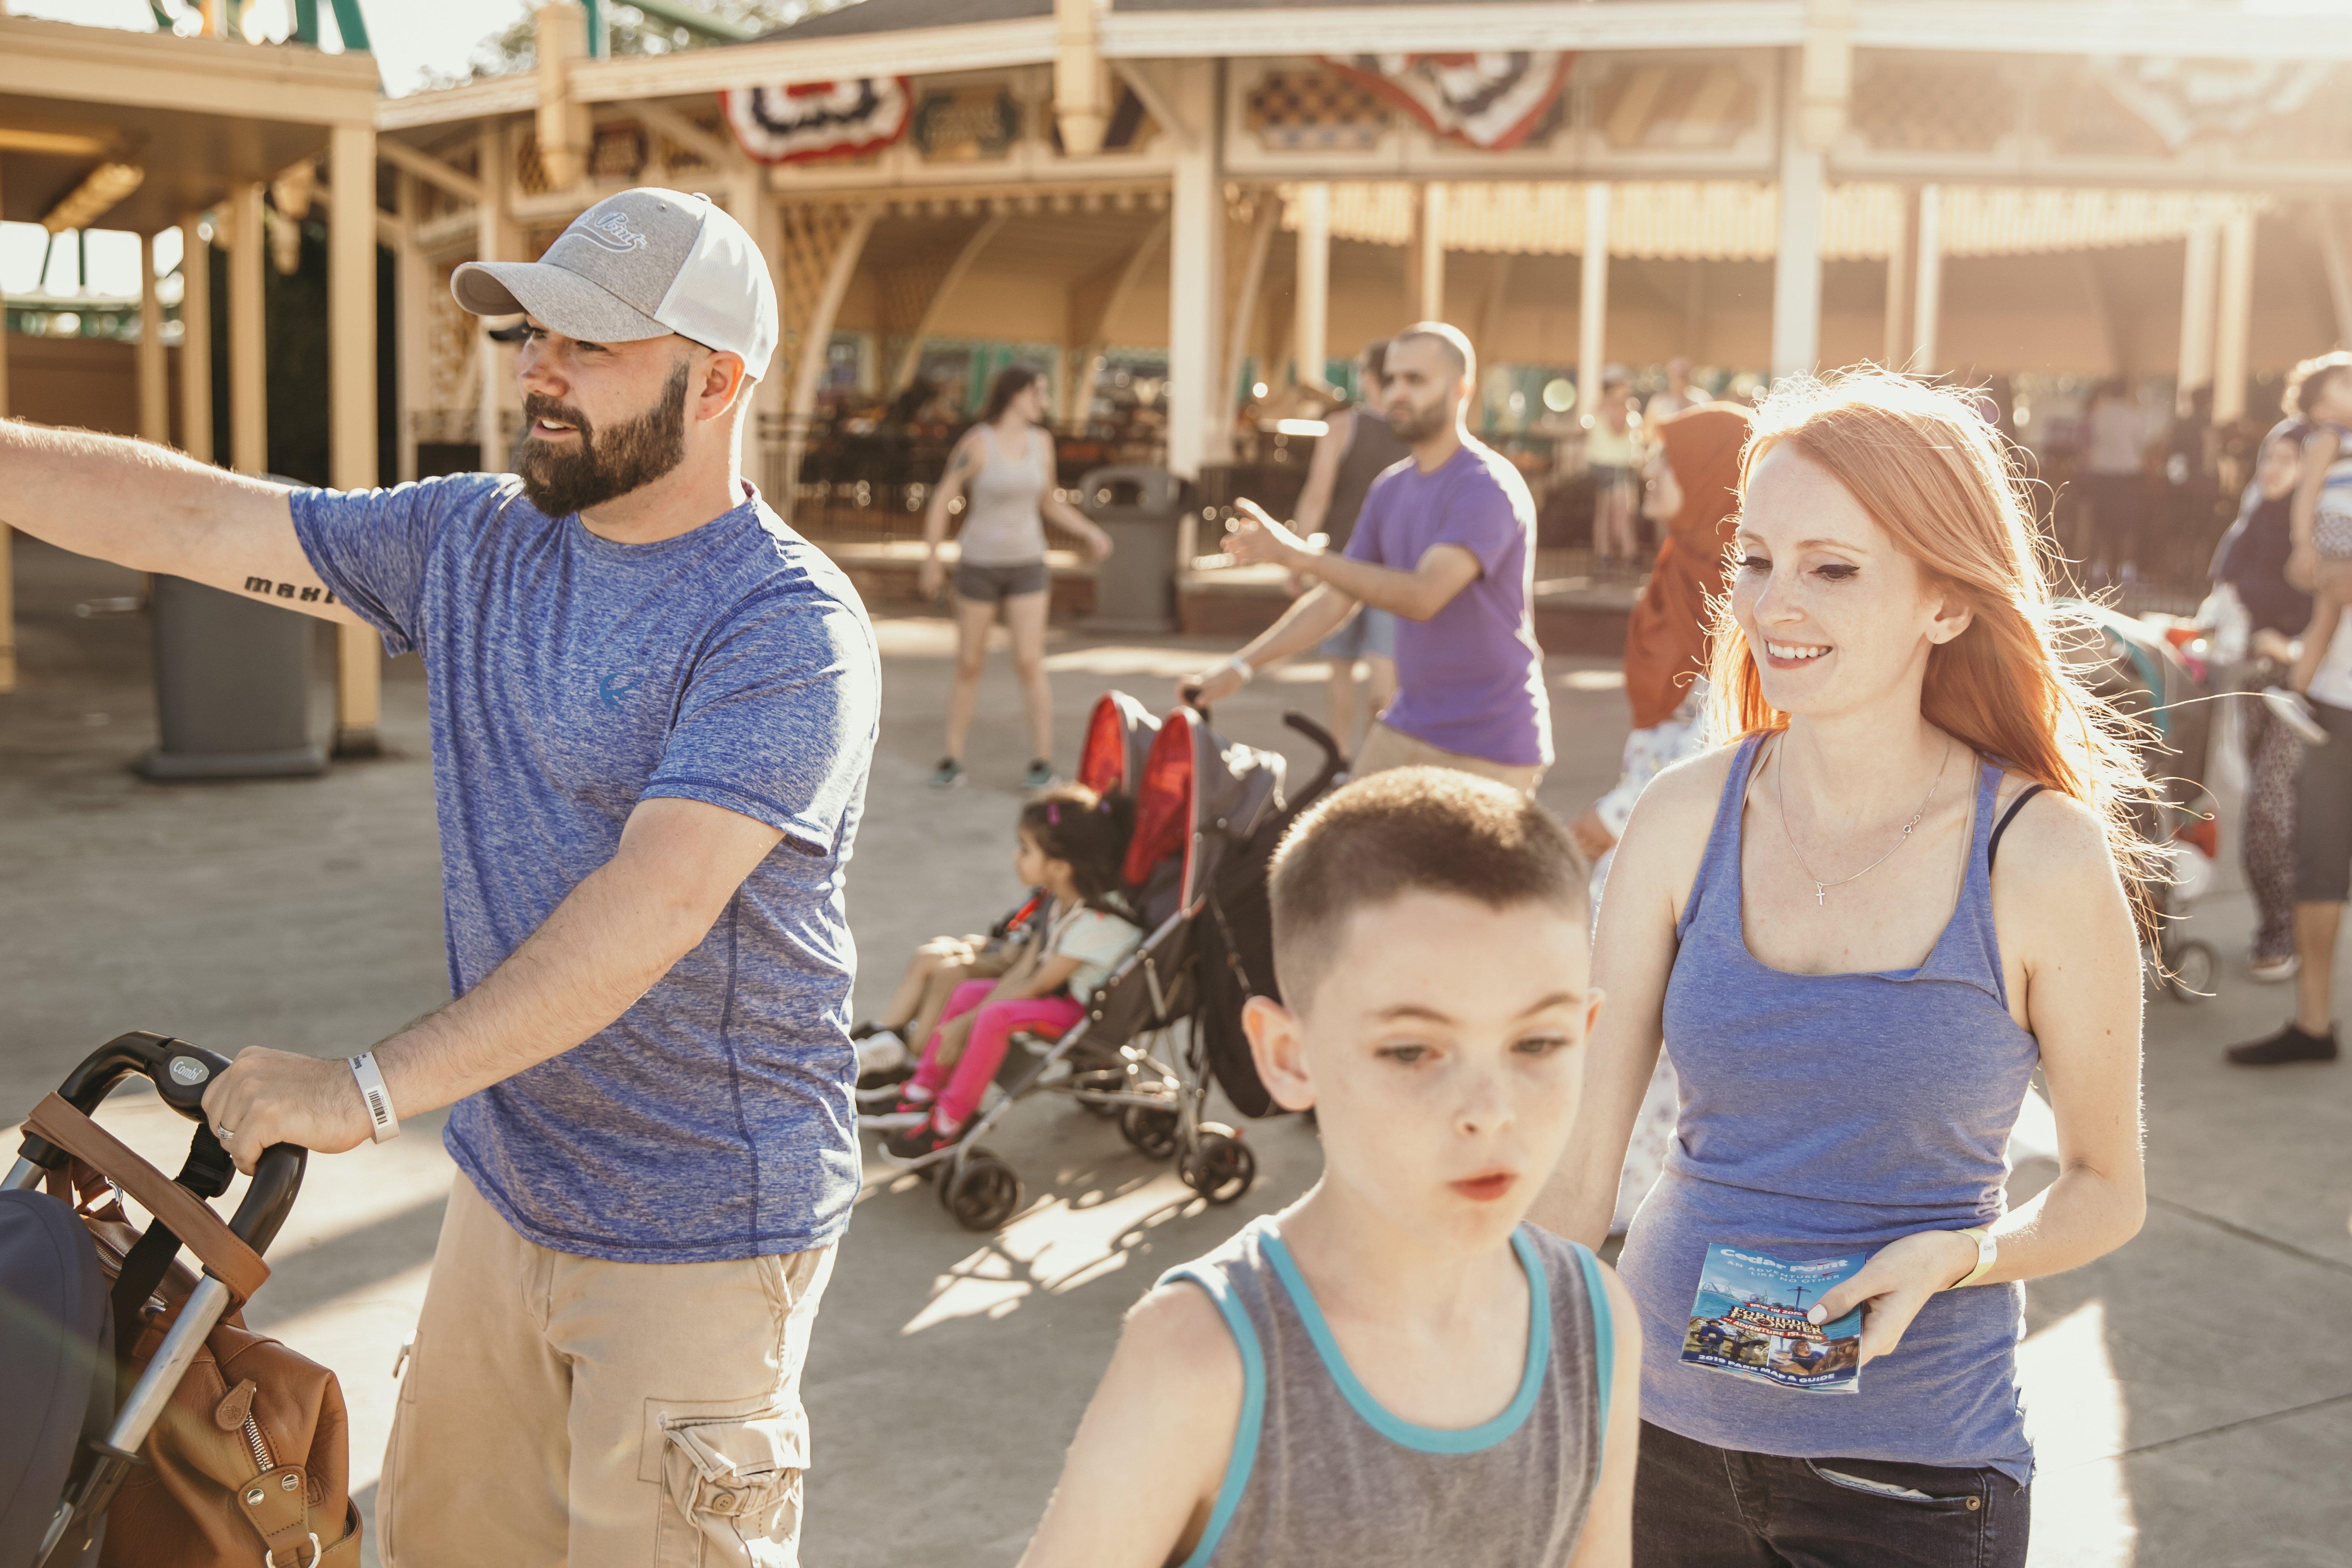 Our Family Trip To Cedar Point in Sandusky, Ohio